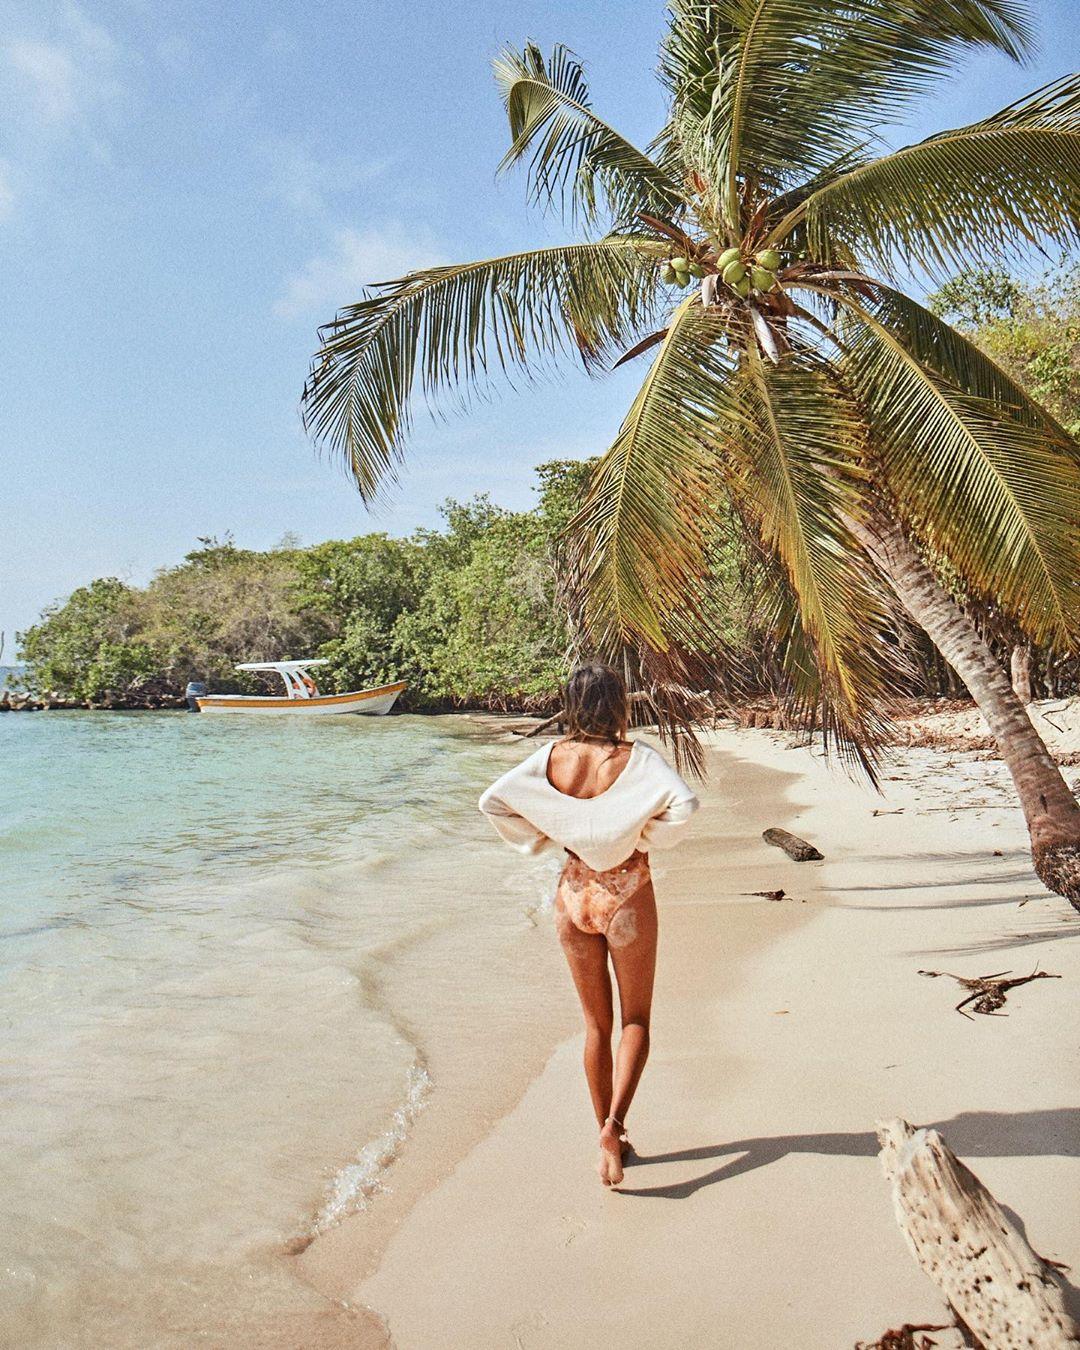 Οι παραλίες ανοίγουν το σαββατοκύριακο: Τι θα χρειαστείς για το πρώτο σου μπάνιο;